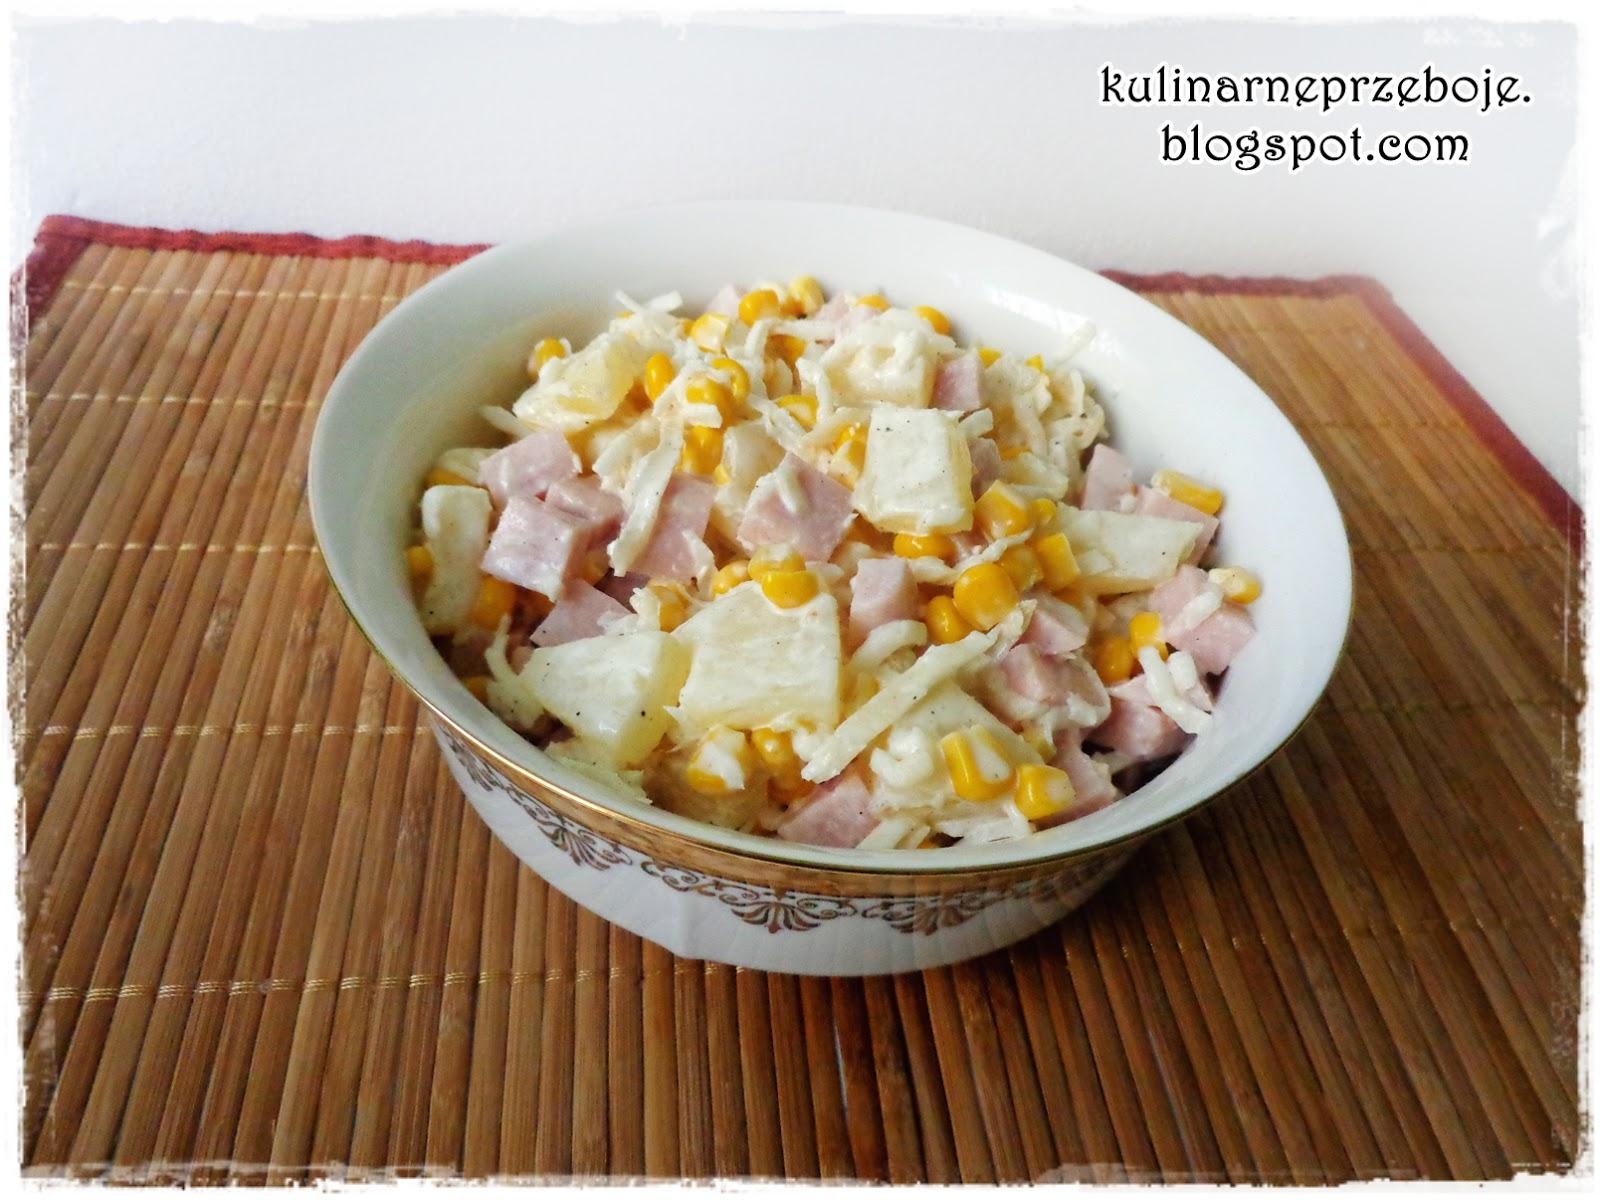 Sałatka z selerem konserwowym, szynką i ananasem